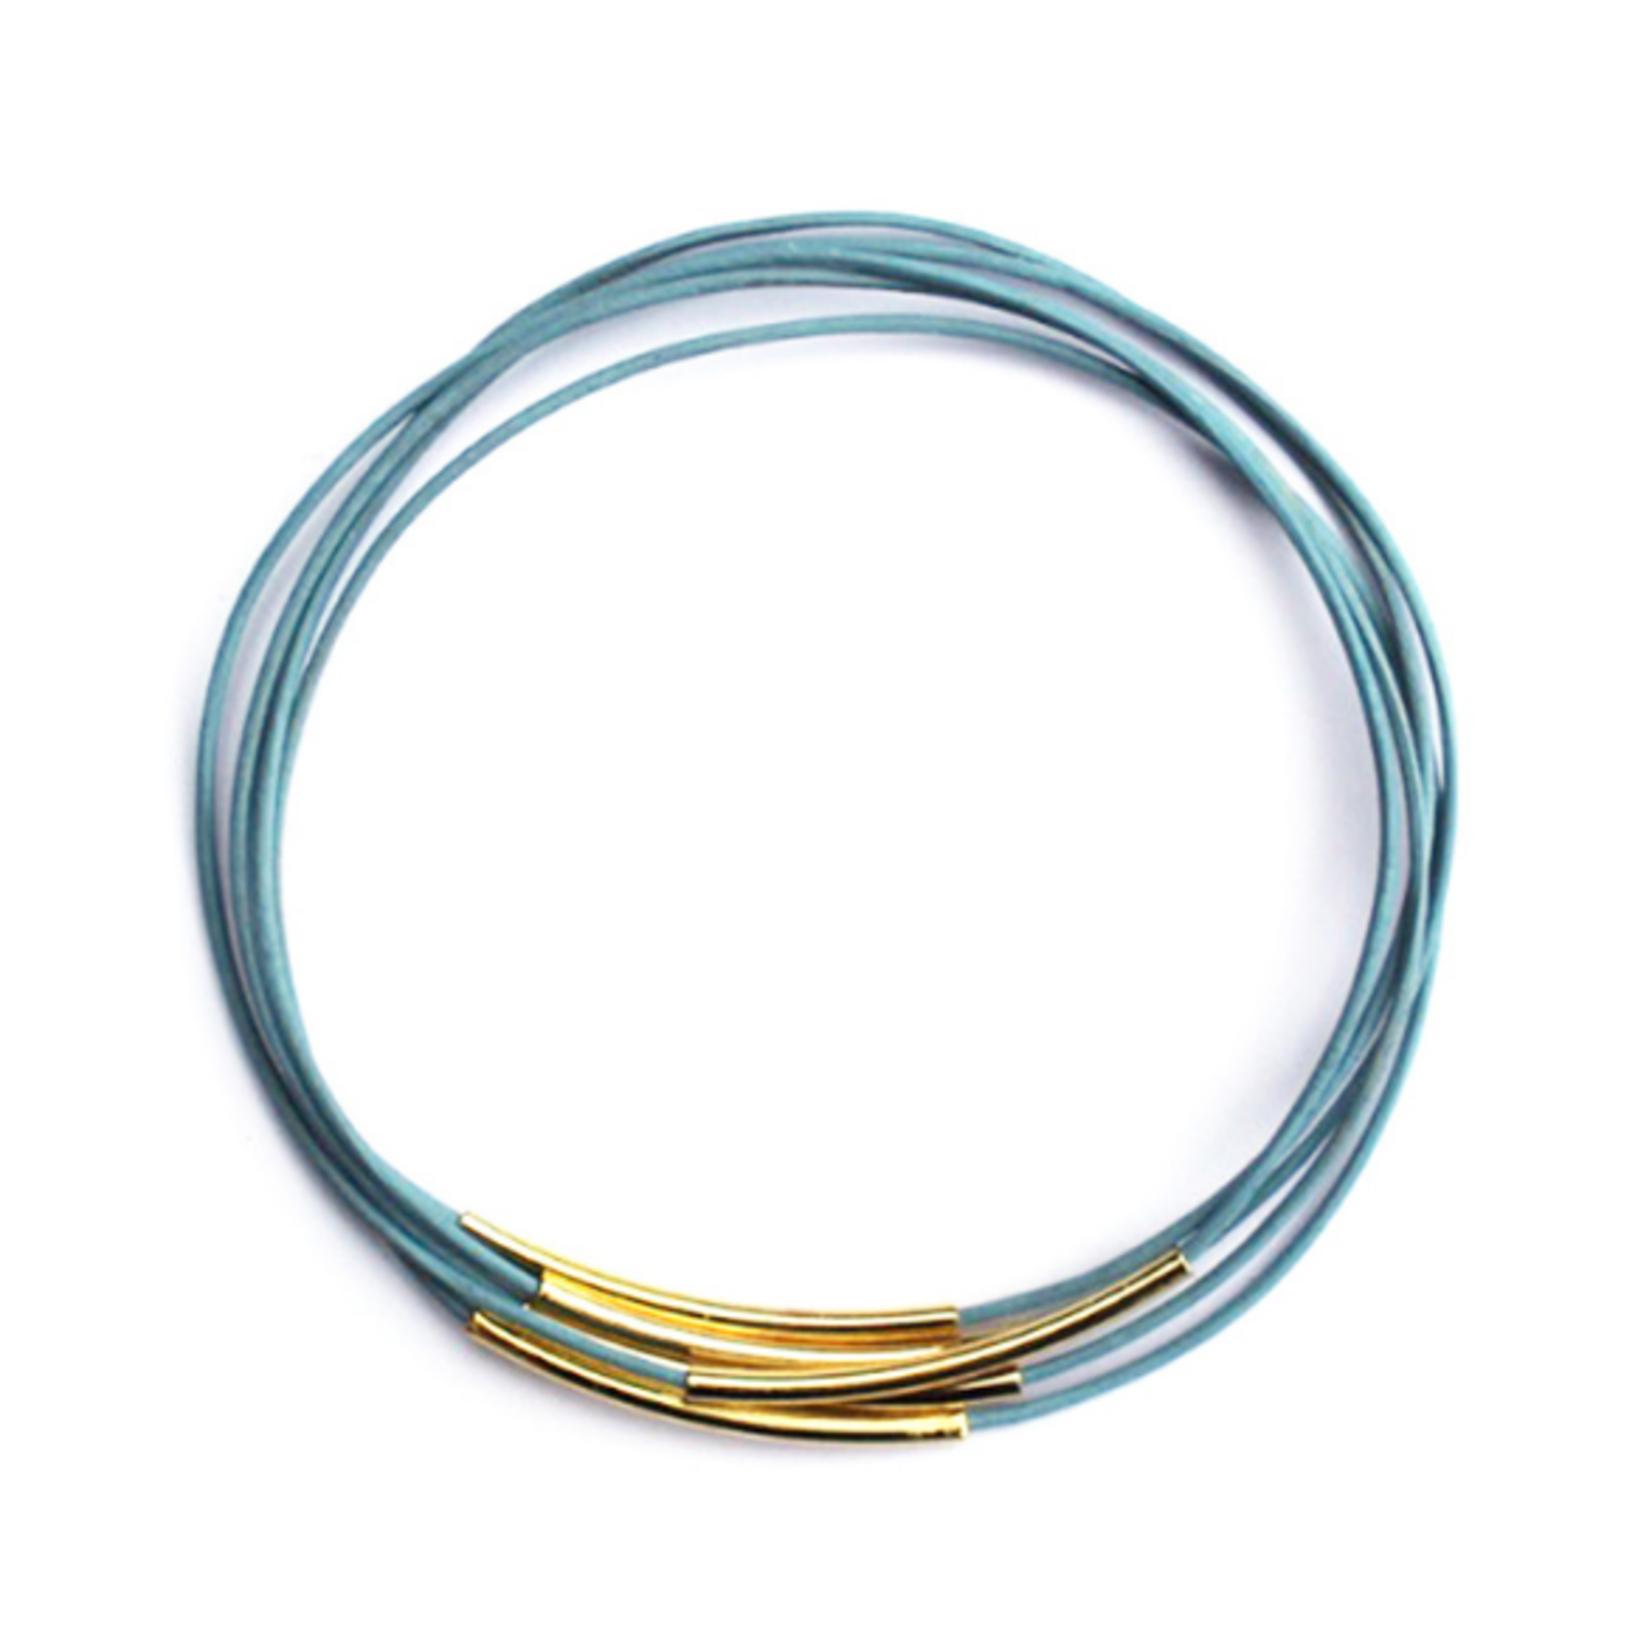 afgestoft afgestoft armband juul - hemelsblauw